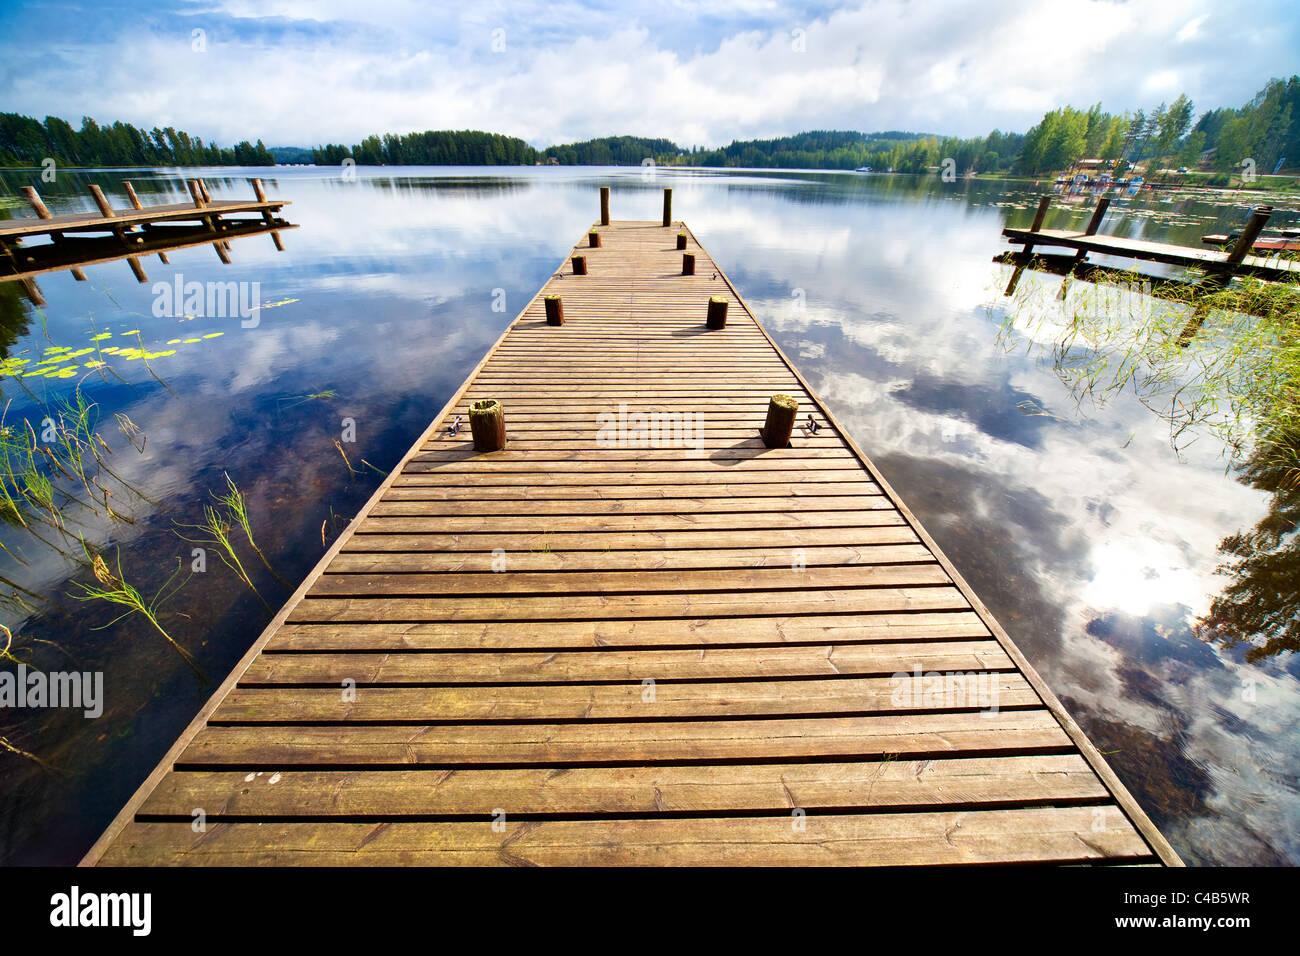 Puente de madera. Amplio ángulo de visión. Imagen De Stock